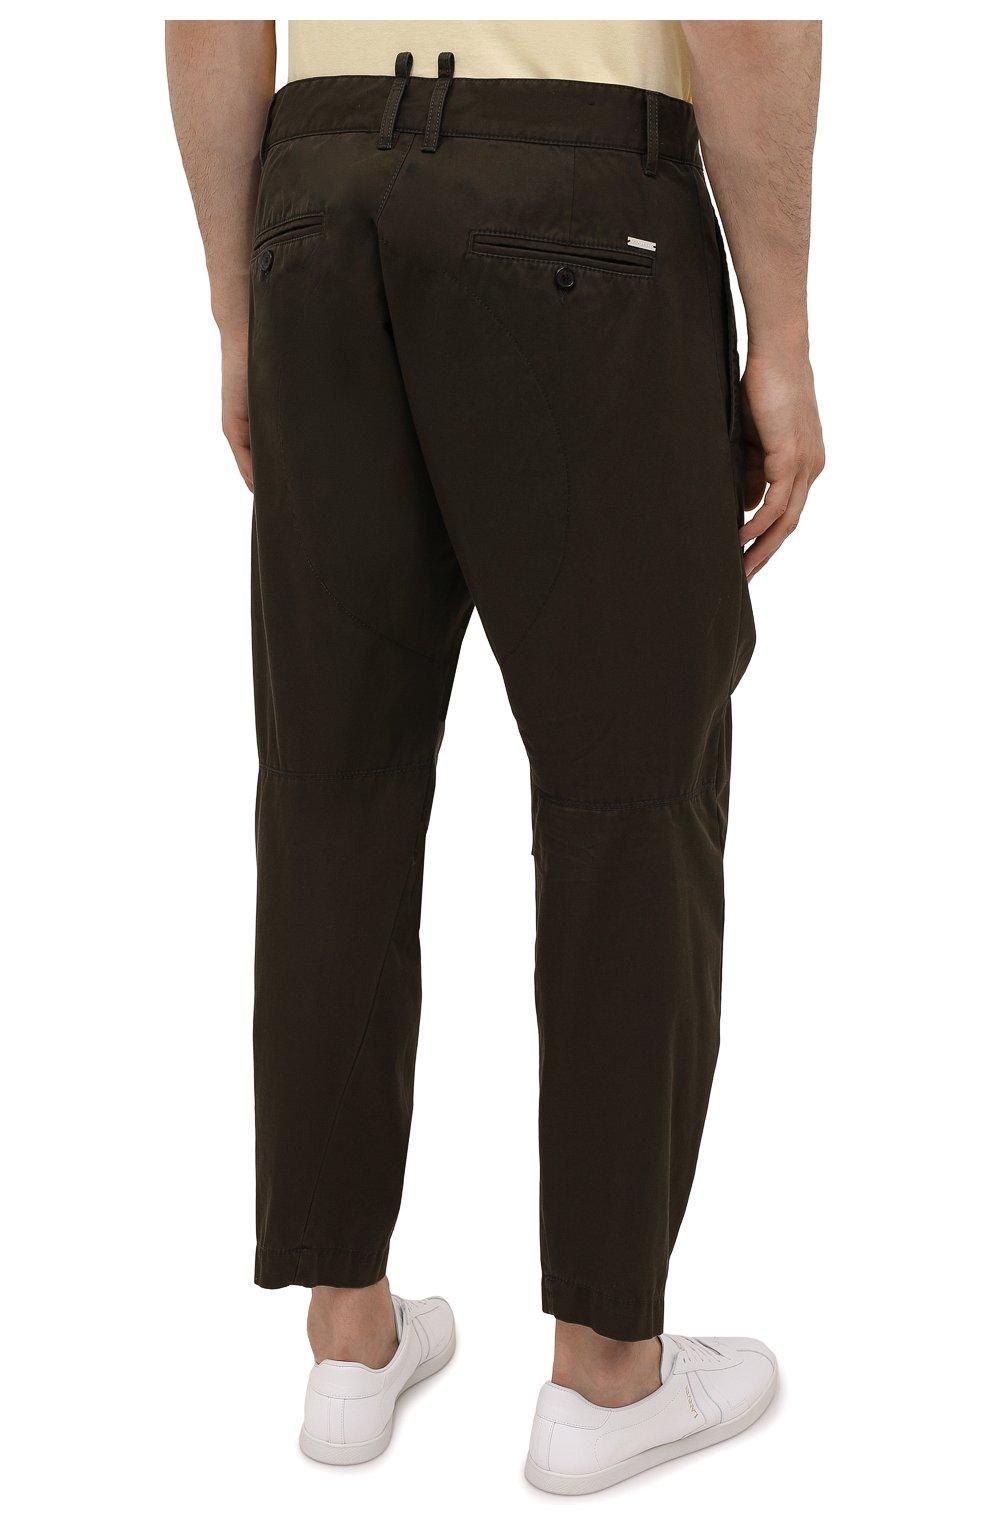 Мужские хлопковые брюки DSQUARED2 хаки цвета, арт. S74KB0591/S41794   Фото 4 (Длина (брюки, джинсы): Стандартные; Случай: Повседневный; Стили: Гранж; Материал внешний: Хлопок)